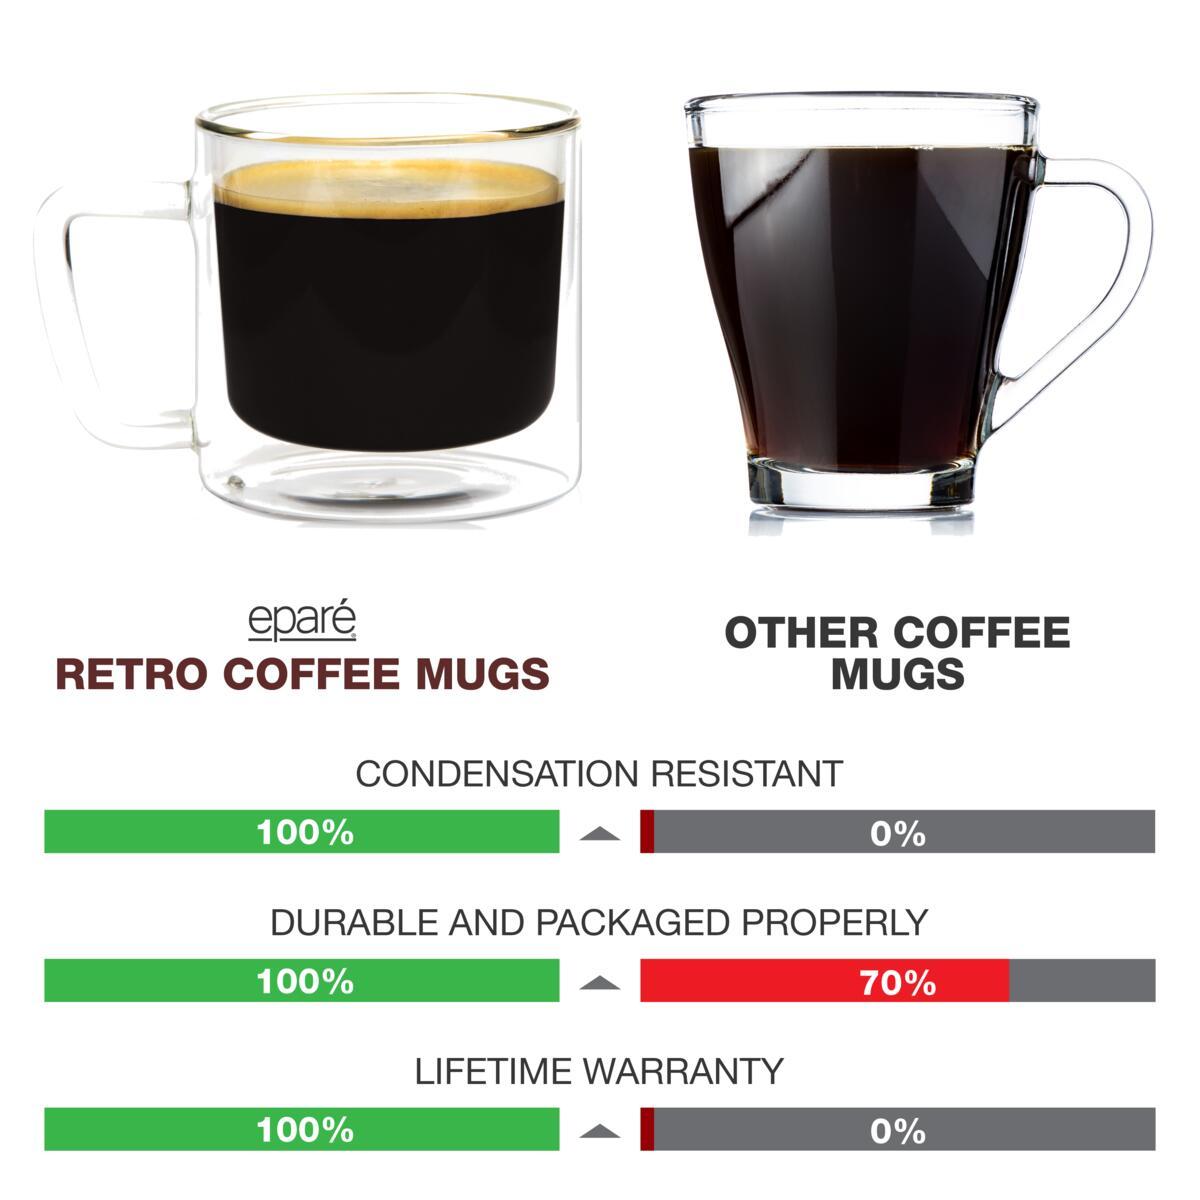 Eparé 12 oz. Retro Coffee Mug (Set of 2)